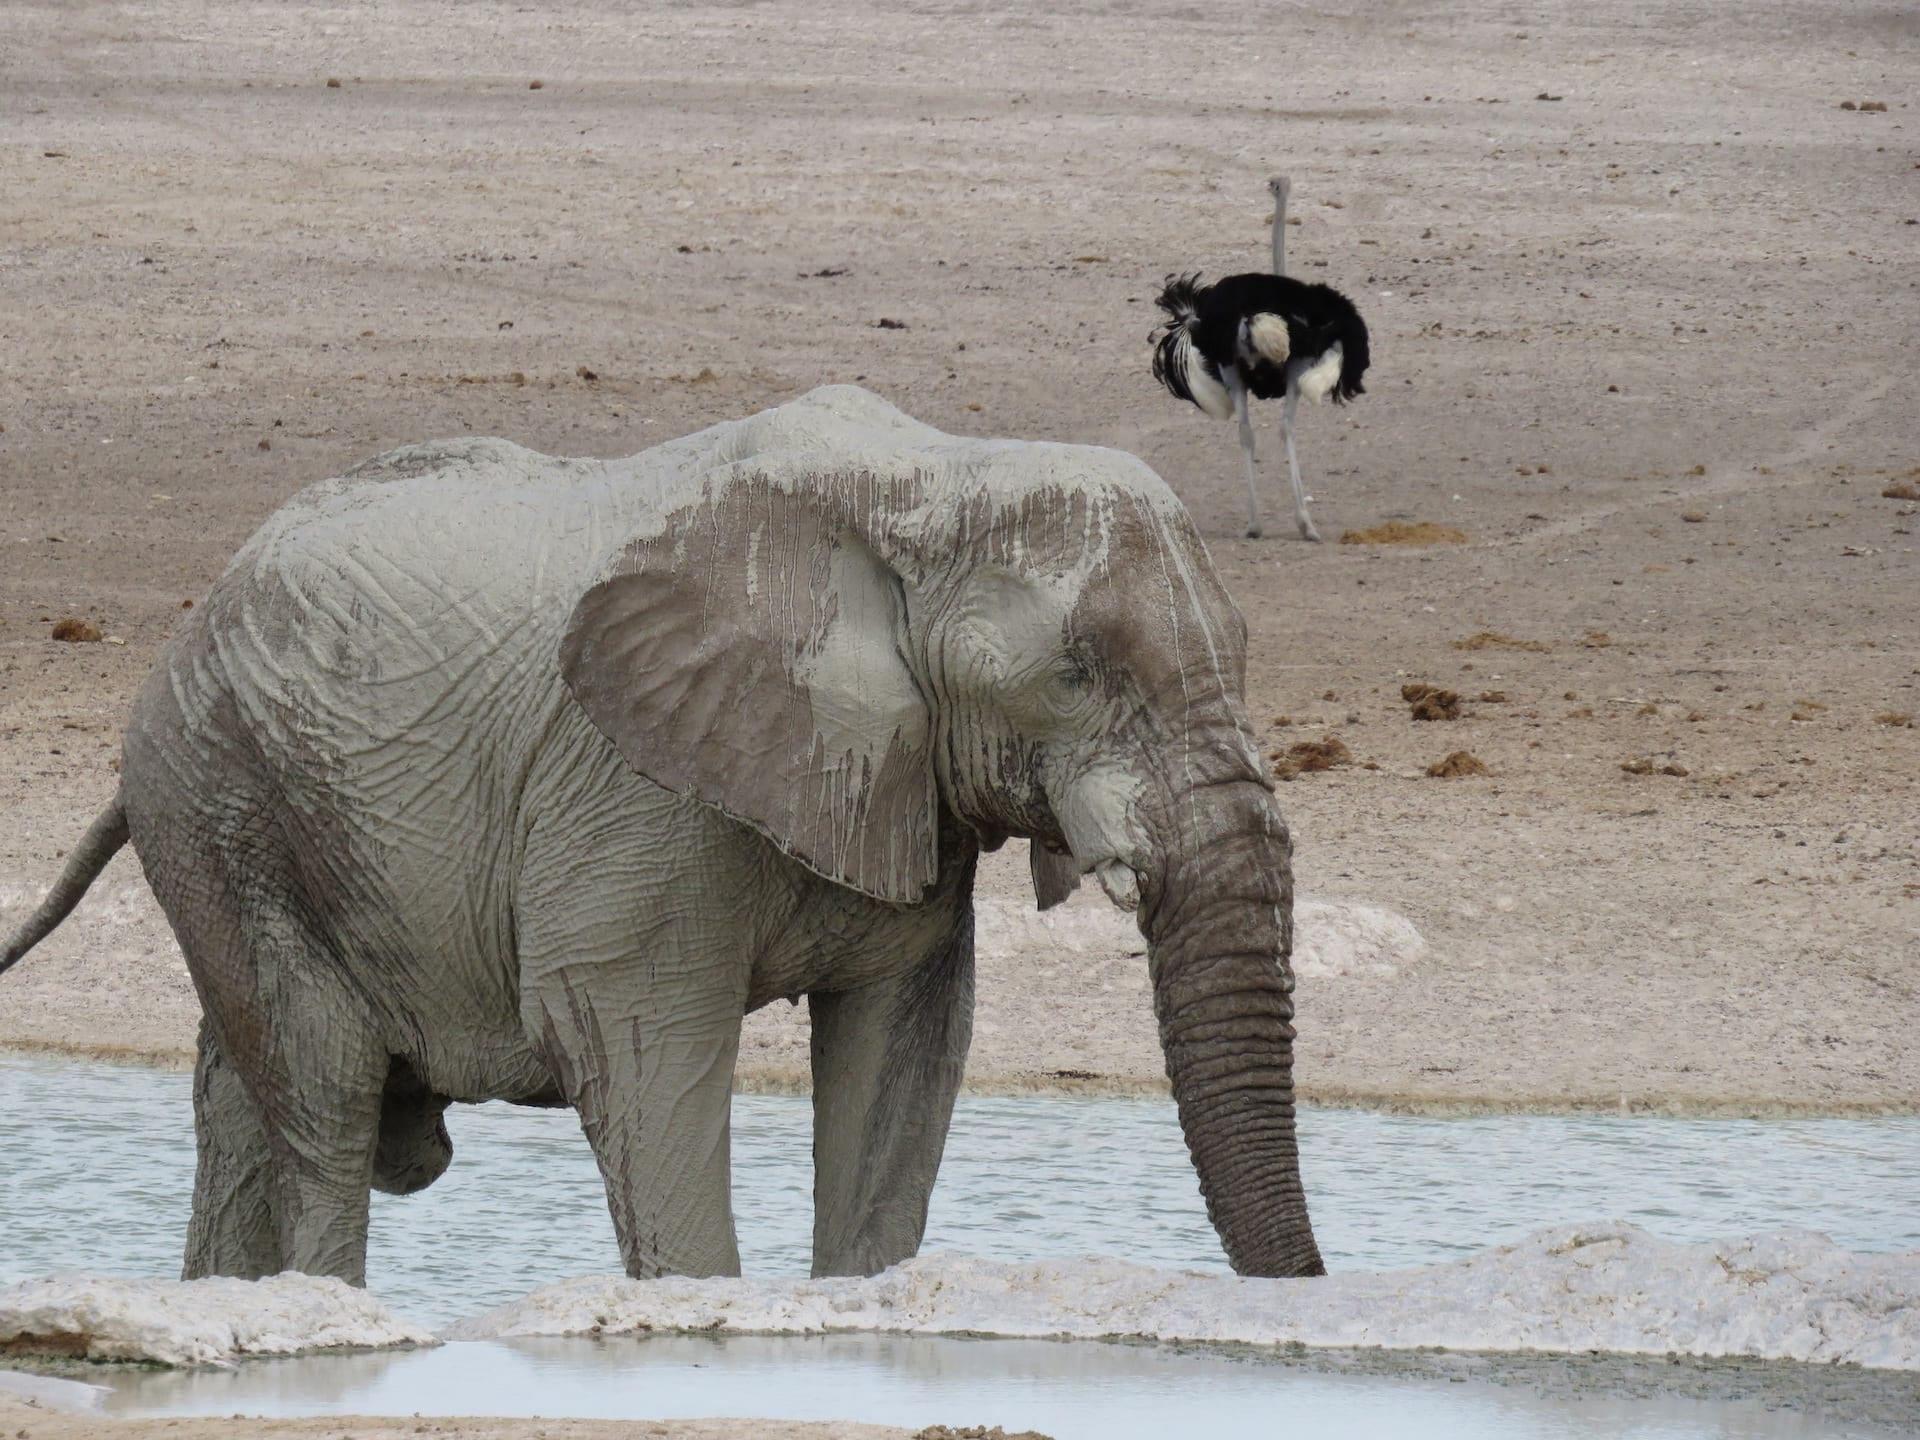 NAM 5 - ALGEMEEN - Etosha olifant - Namibia ACCOMMODATED Tour 3